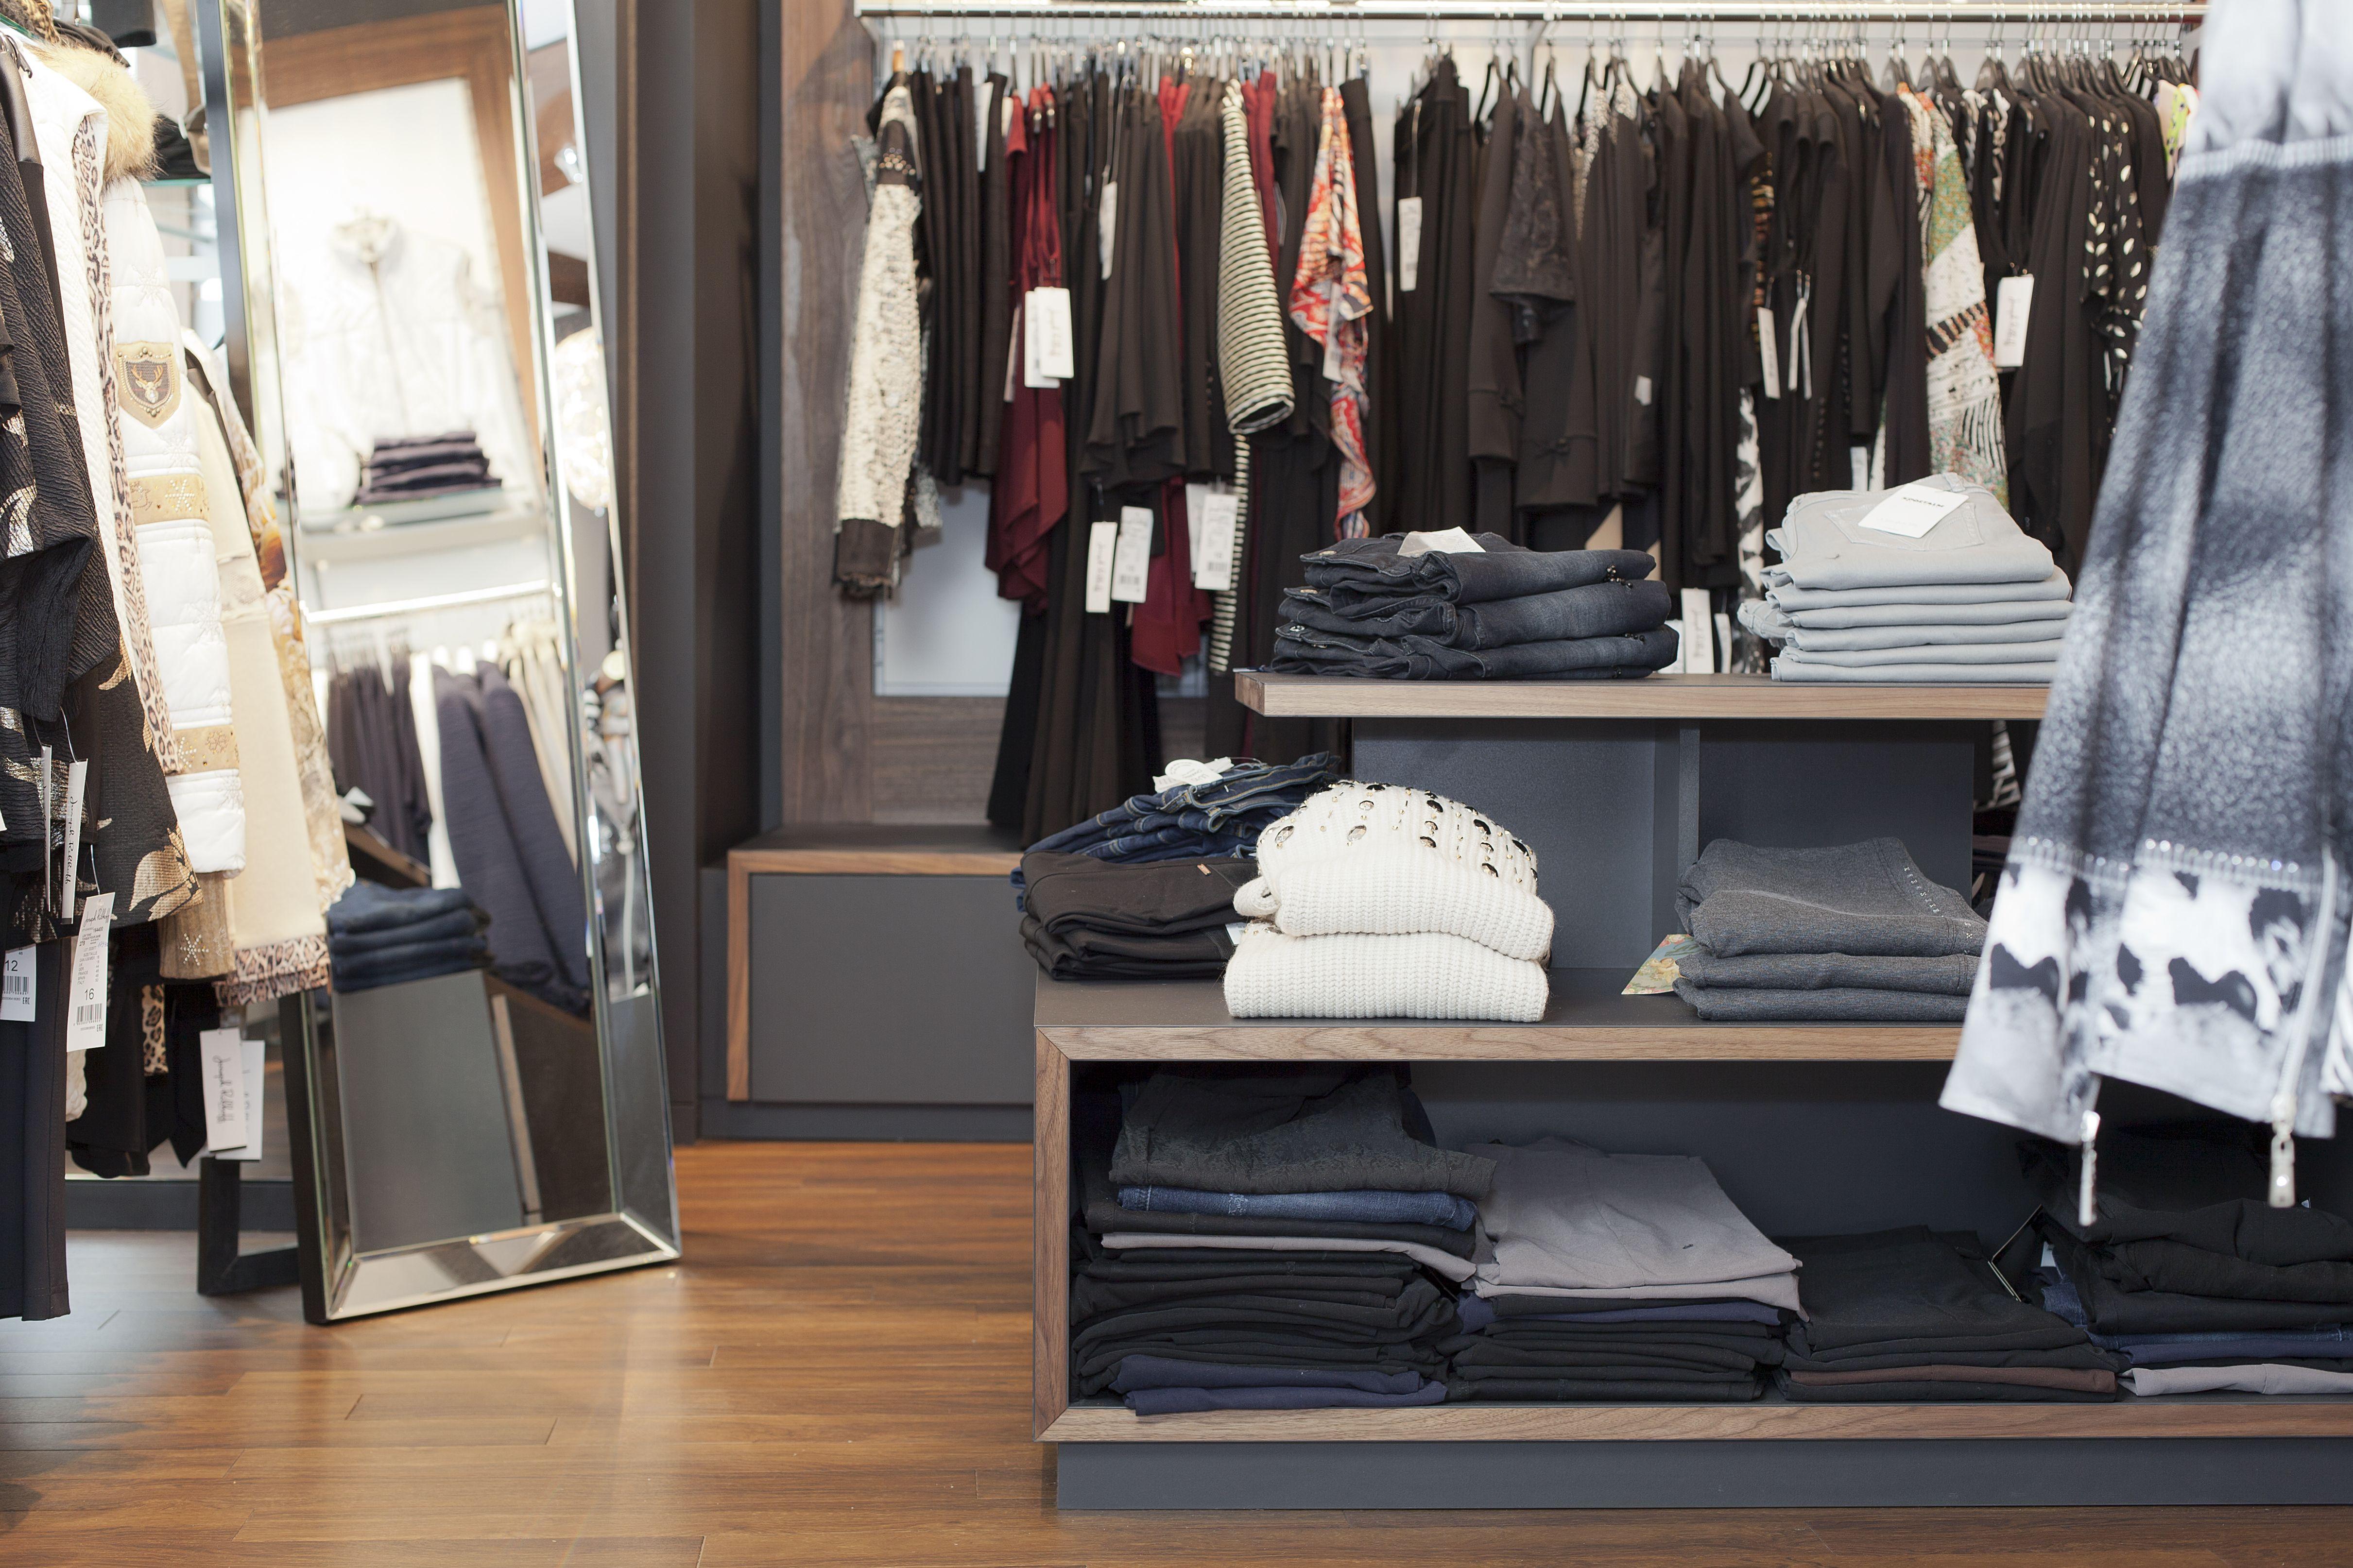 Modeboutique Veni Fischbach Bodensee Objekteinrichtung Interior Design Dauwalter RD Objekteinrichtung Pinterest